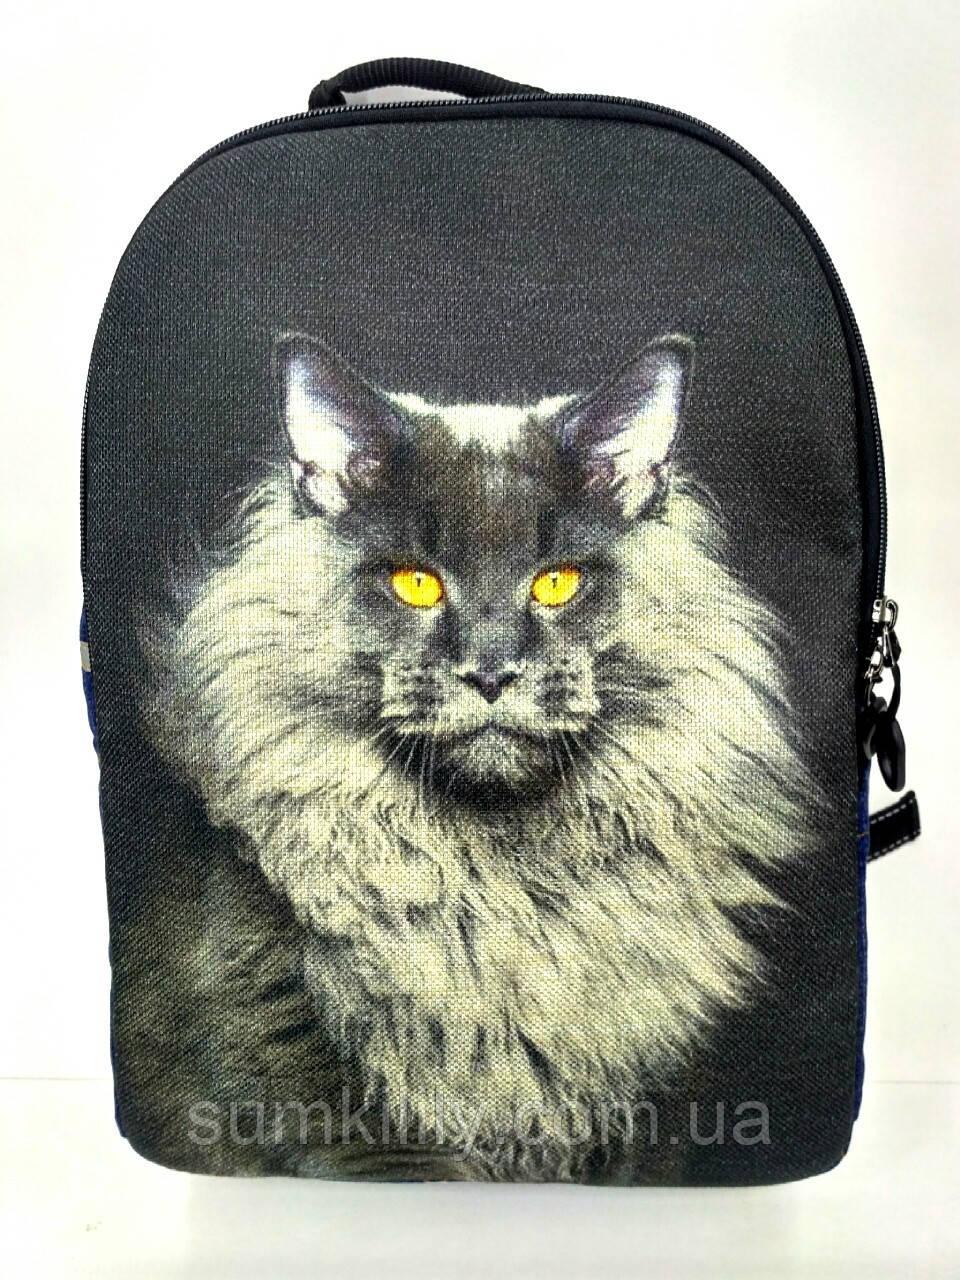 Джинсовый рюкзак МЕЙНКУН палевый, фото 1